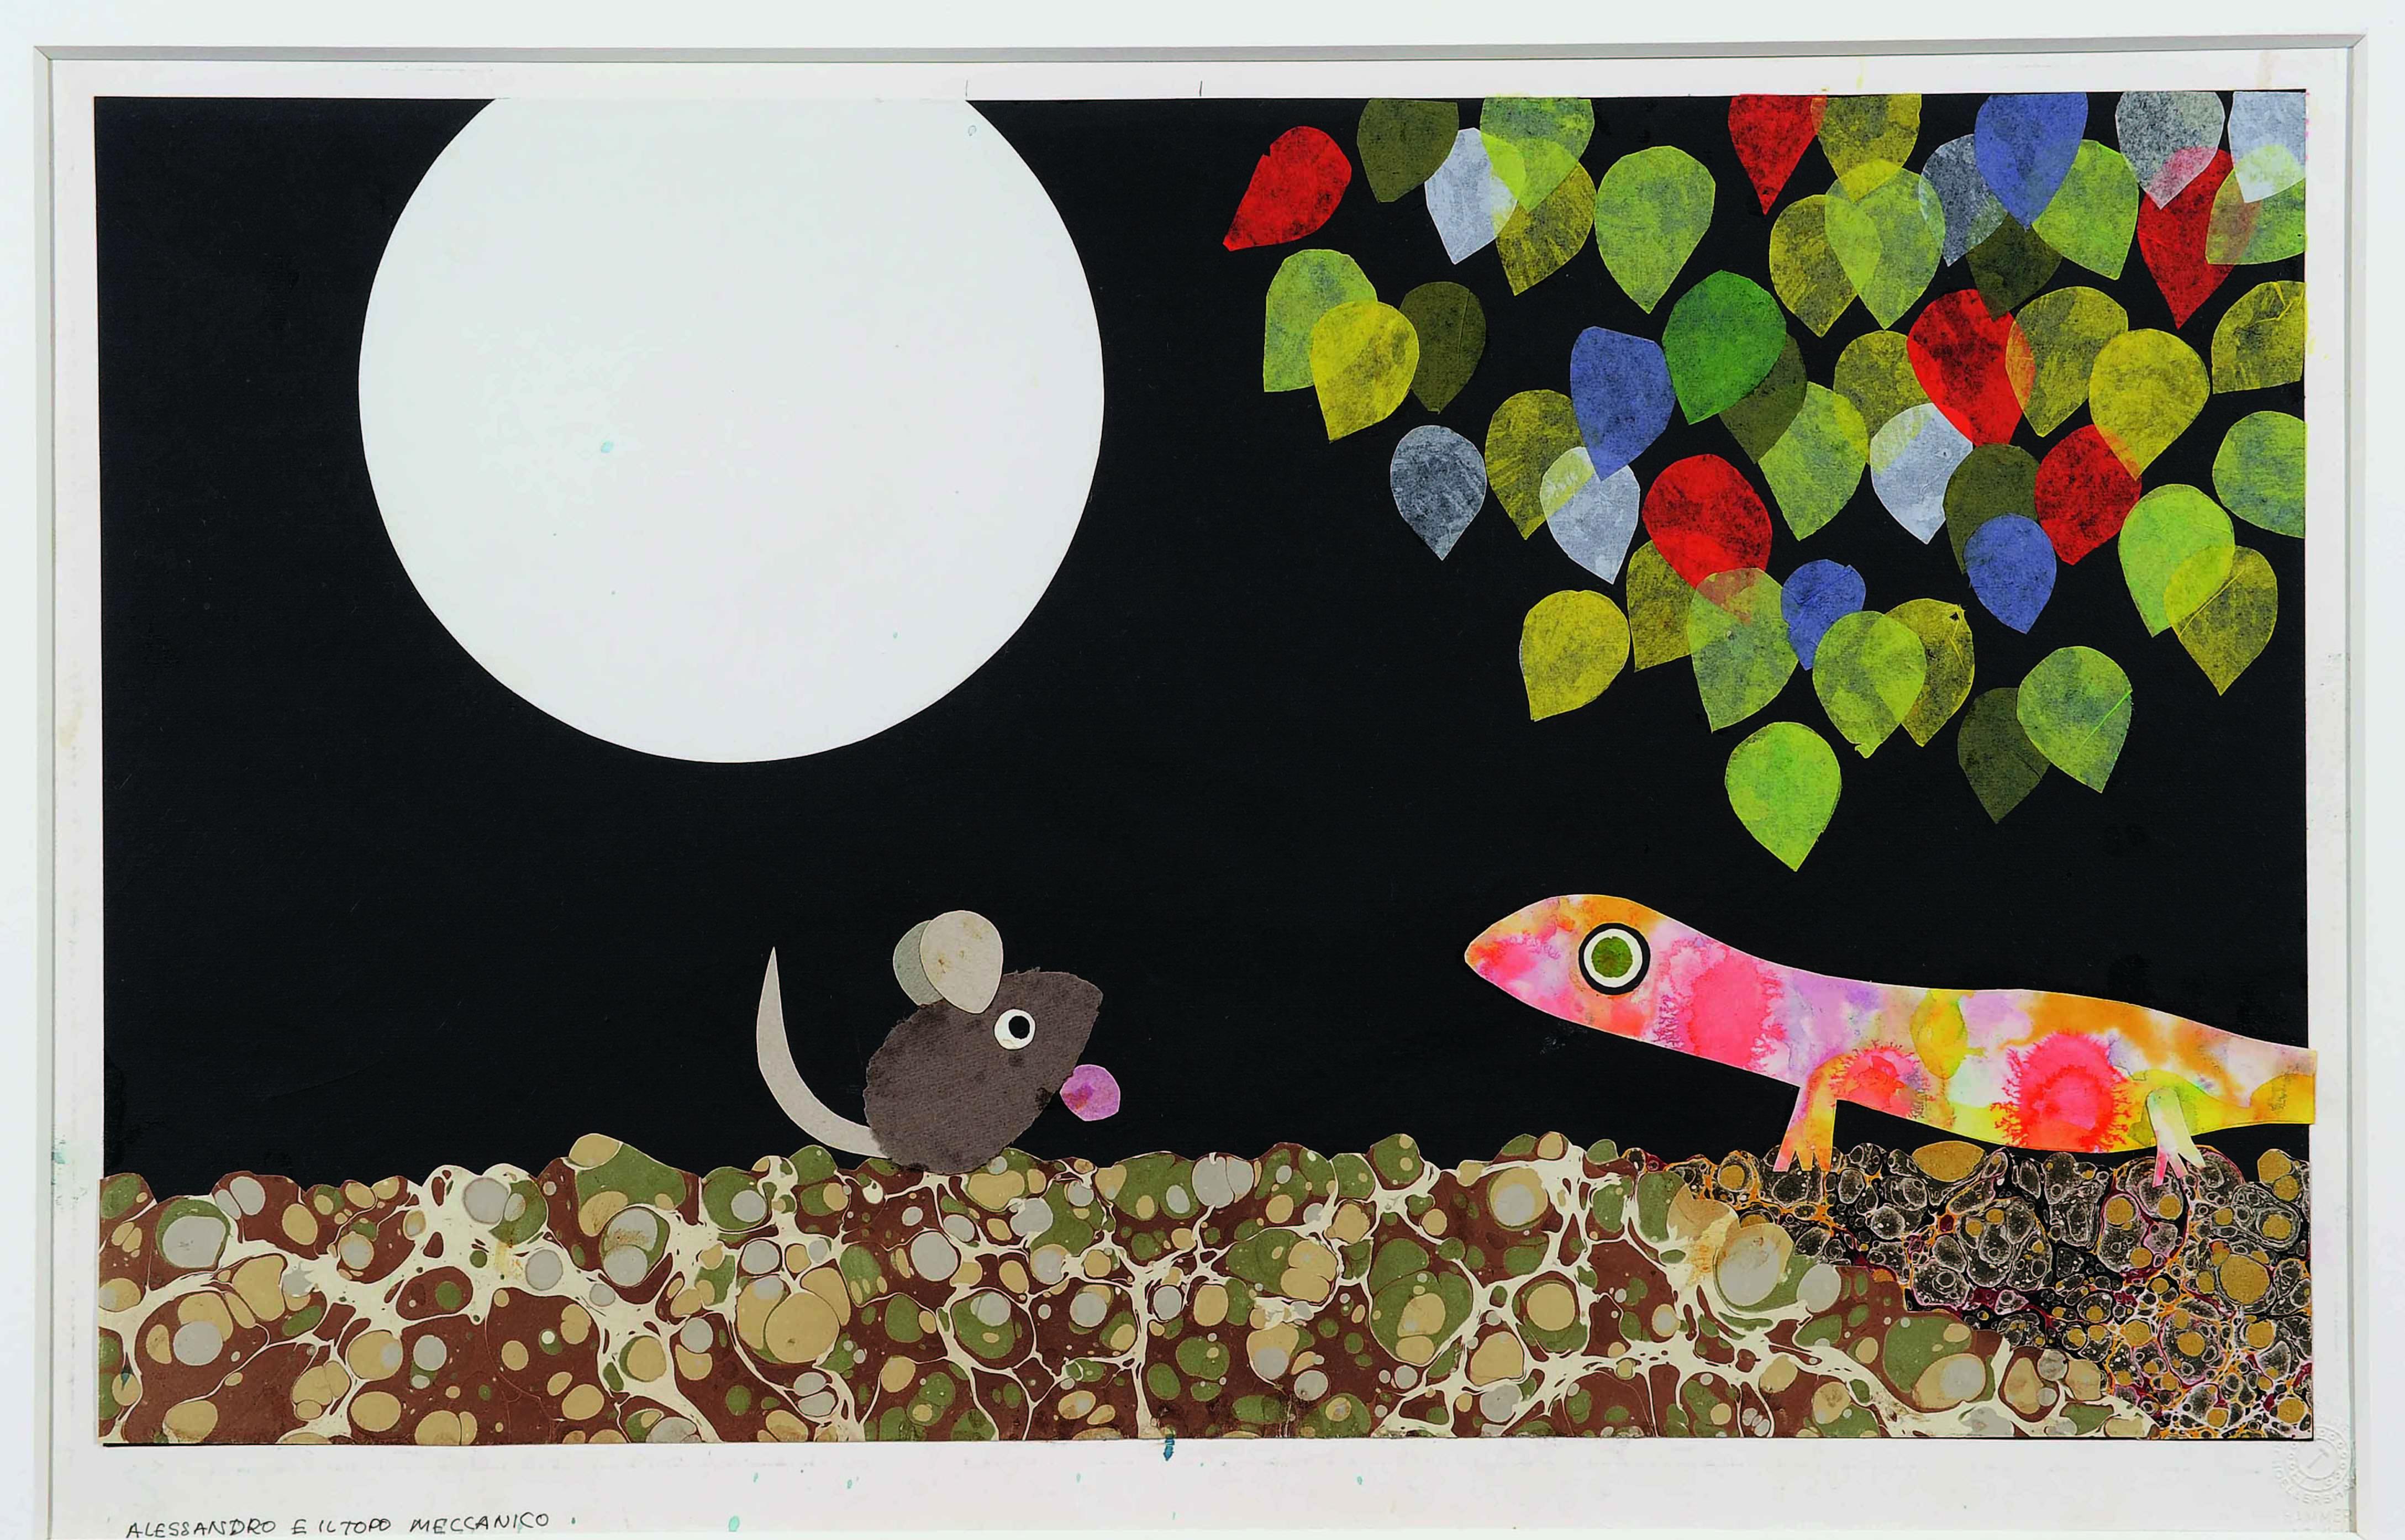 「アレクサンダとぜんまいねずみ」 1969年 コラージュ、紙 51×63.6cm Alexander and the Wind-up Mouse (C)1969, renewed  1997 by Leo Lionni / Pantheon Works by Leo Lionni, On Loan By The Lionni Family